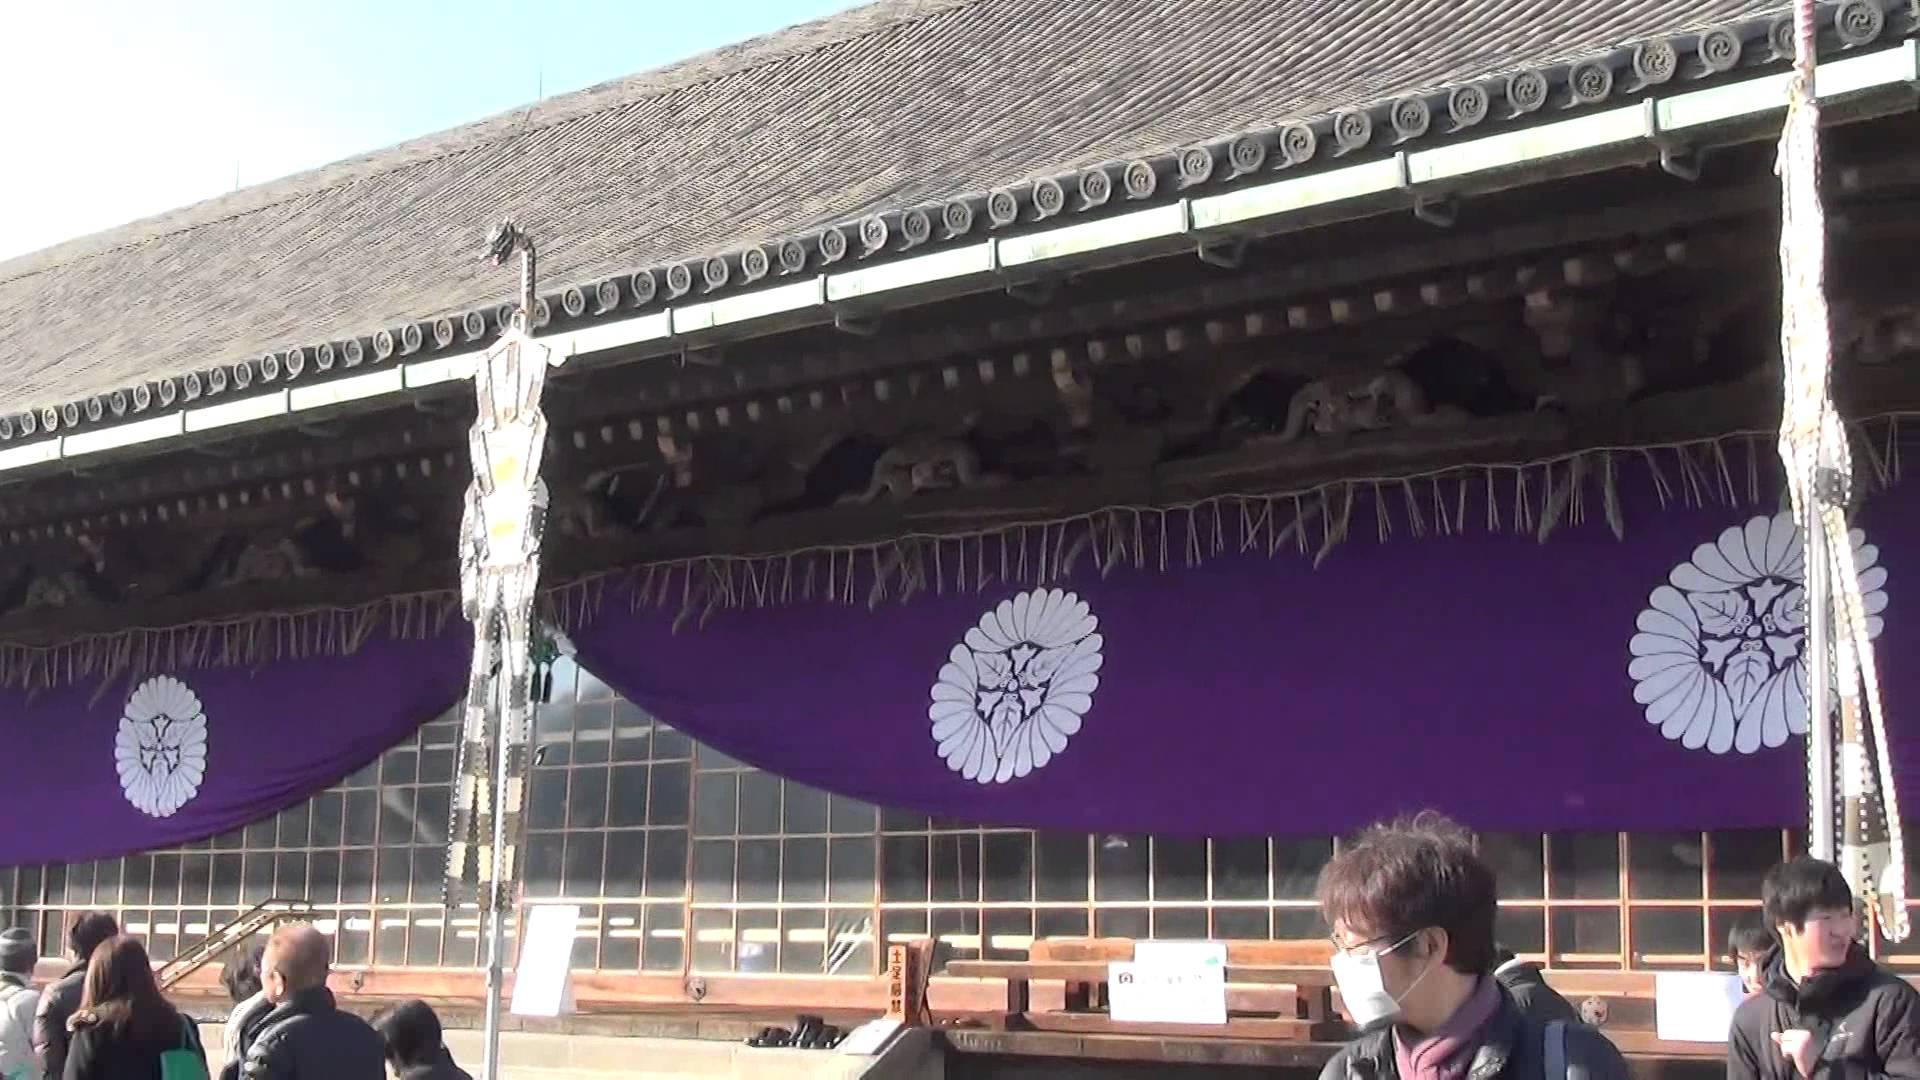 蓮華王院 三十三間堂編01 突然変異!?すでに咲いていた桜にビックリ!!